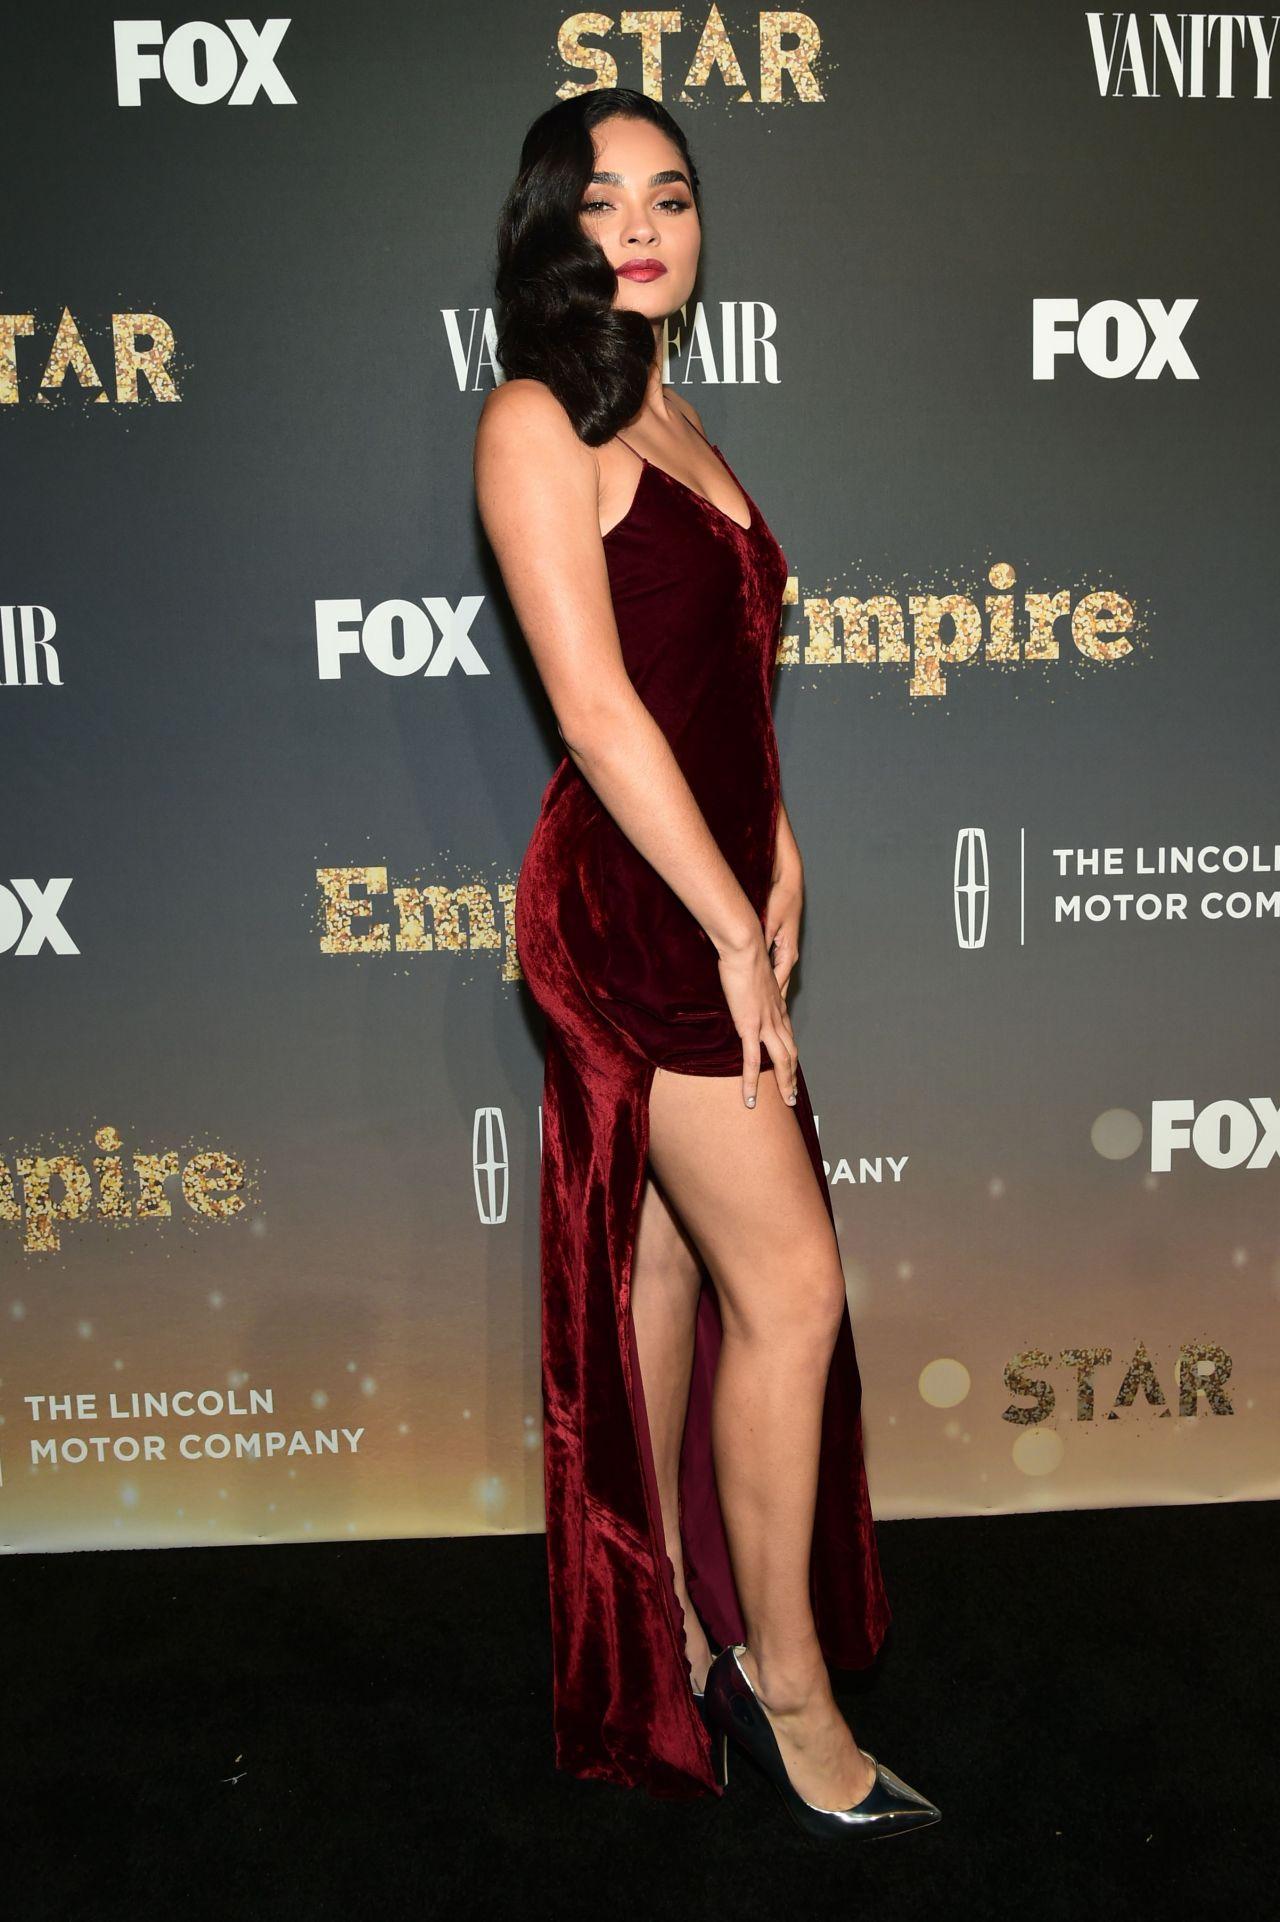 Brittany O Grady Empire And Star Celebrate Fox S New